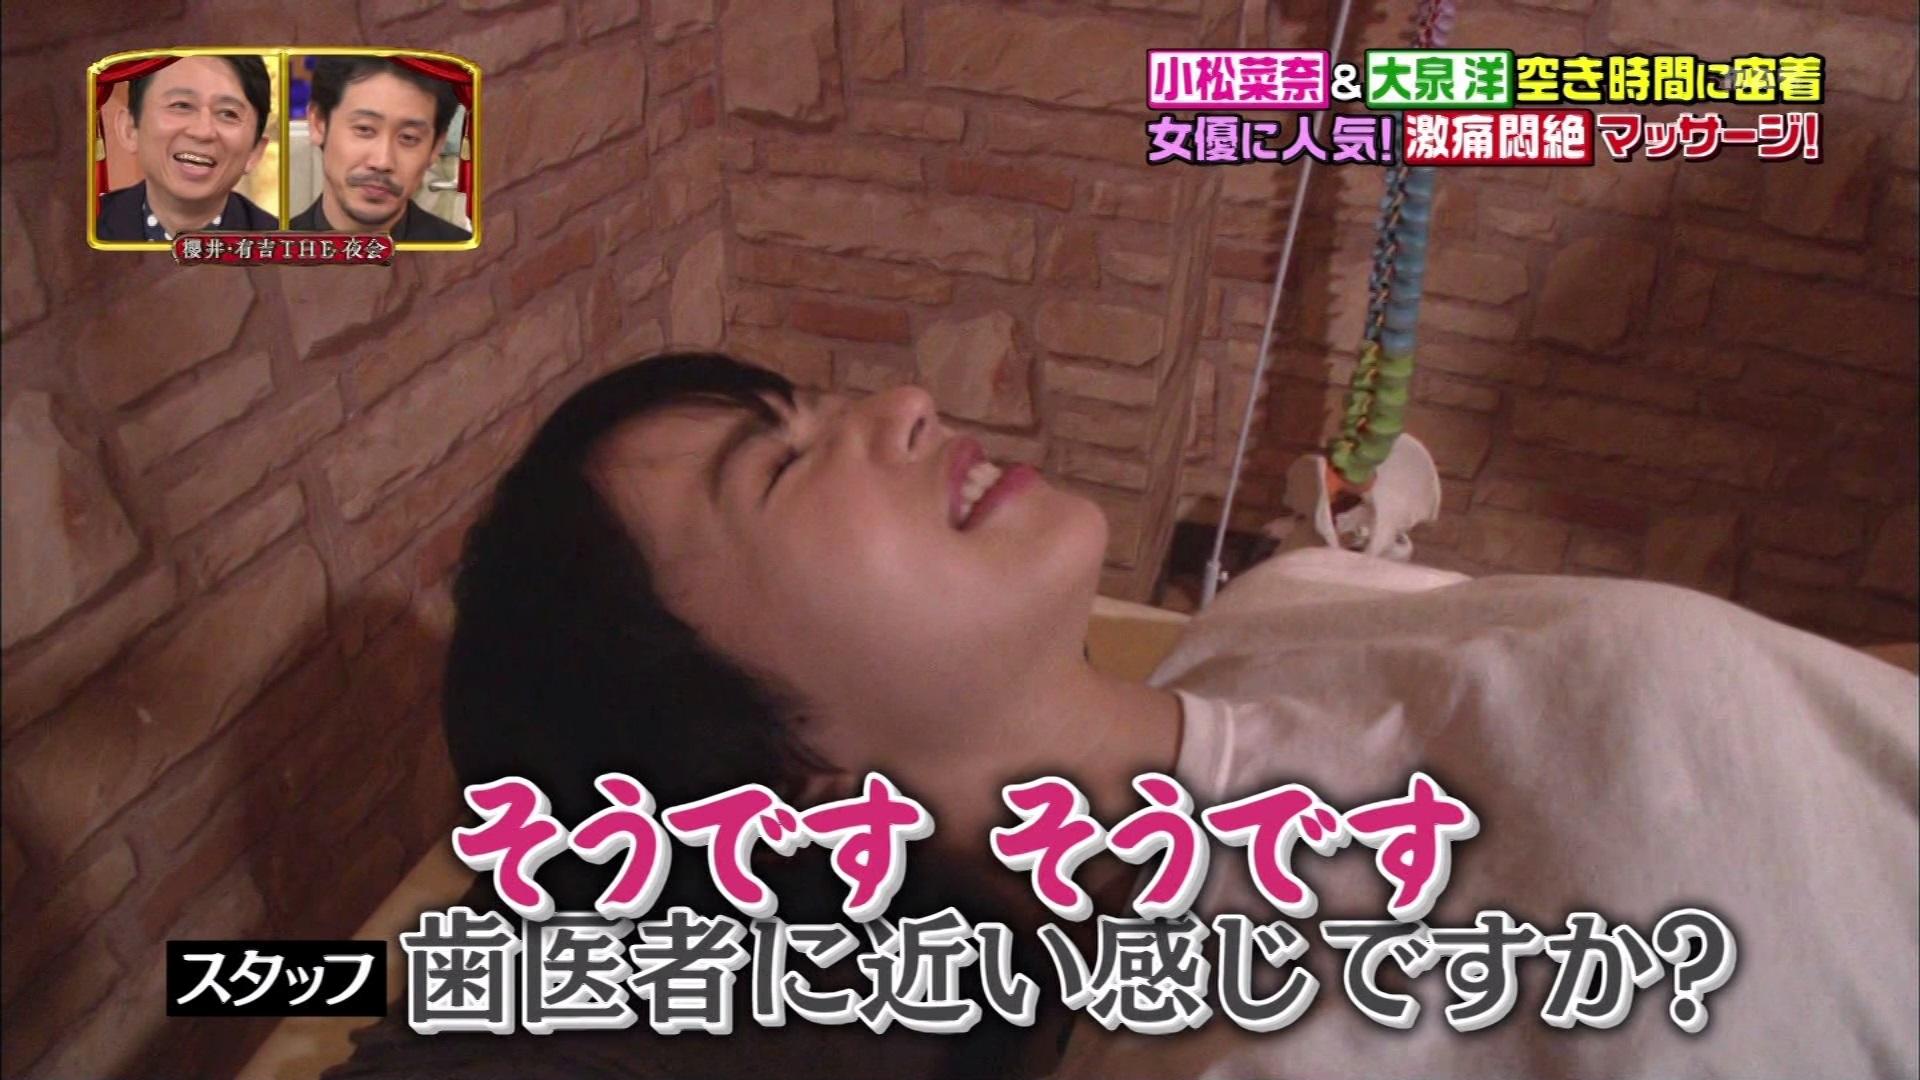 小松菜奈_マッサージ_テレビキャプ画像_18